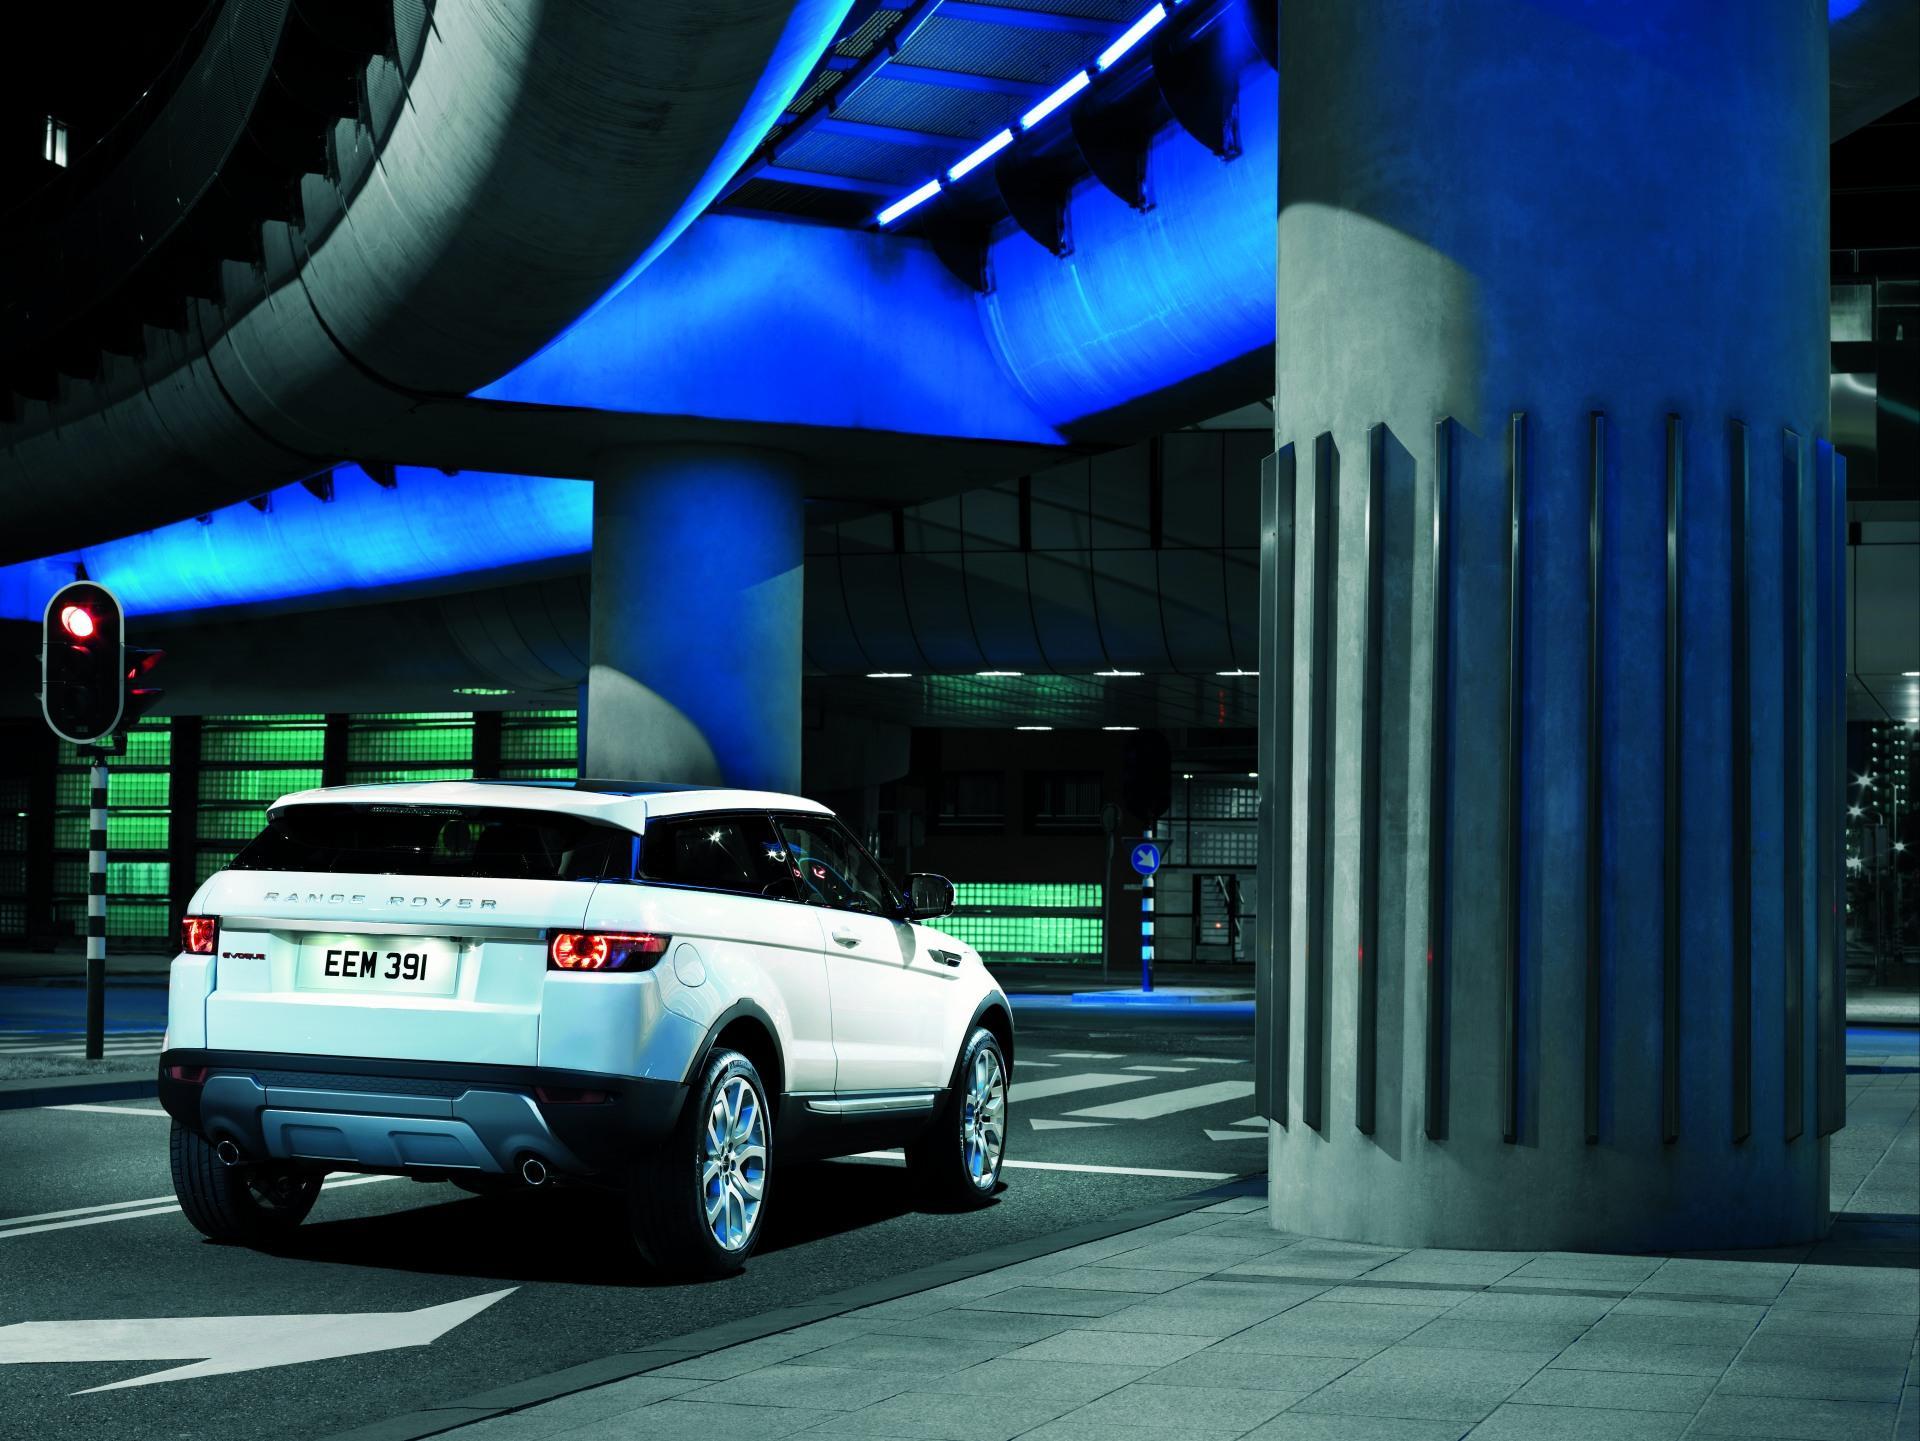 2011 Land Rover Range Rover Evoque conceptcarz